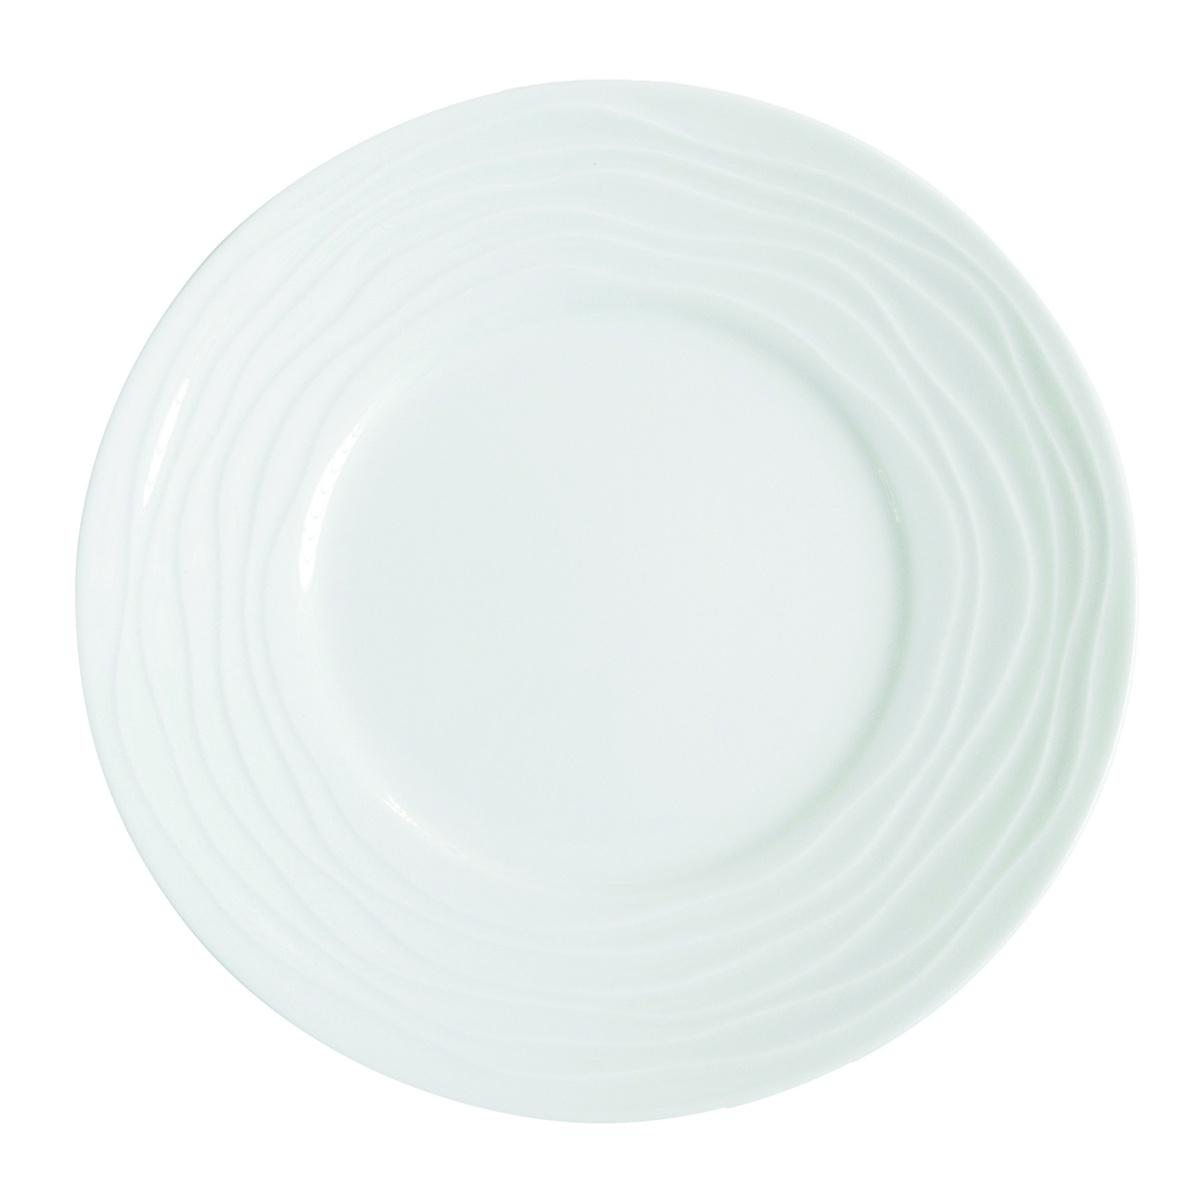 Assiette plate ronde blanc porcelaine Ø 31,50 cm Onde Medard De Noblat